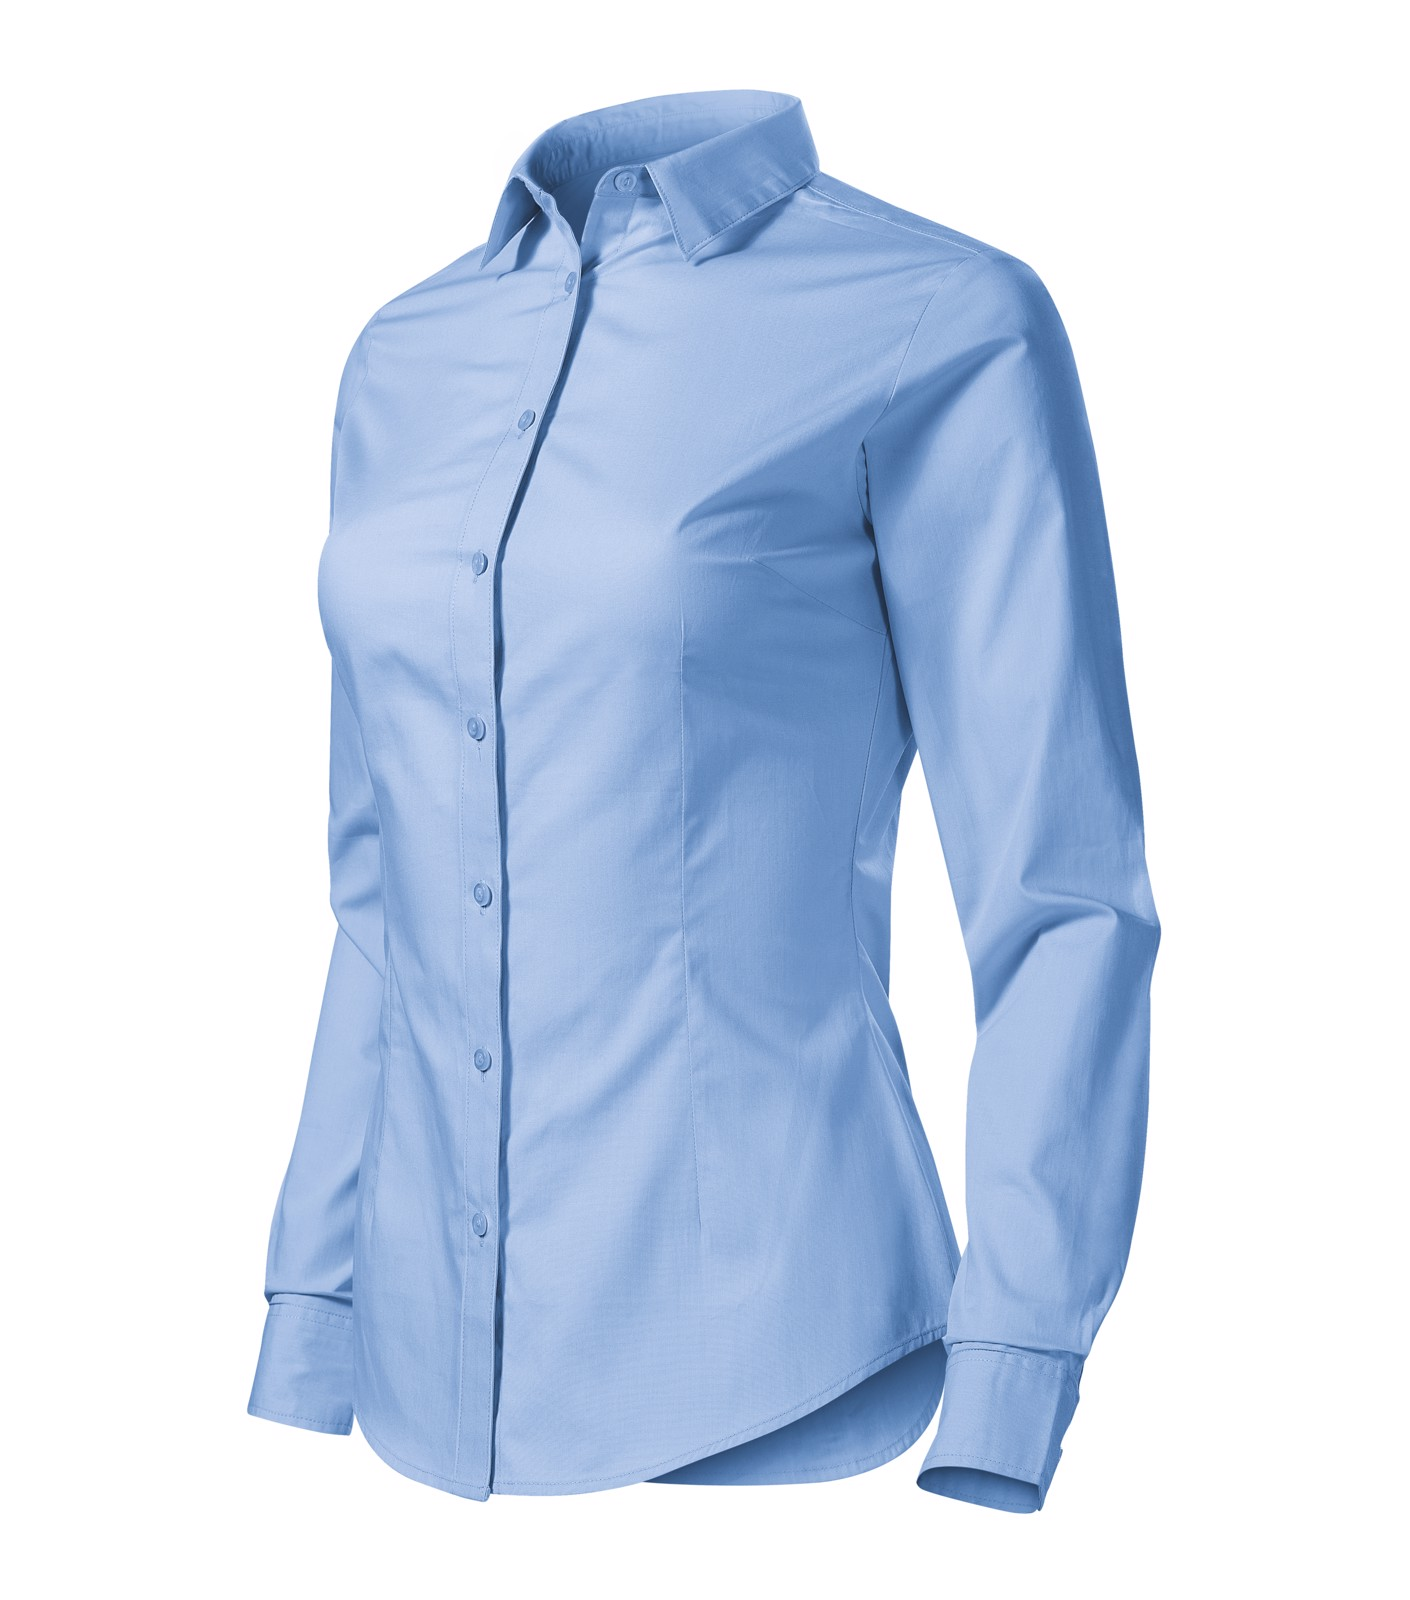 Košile dámská Malfini Style LS - Nebesky Modrá / S